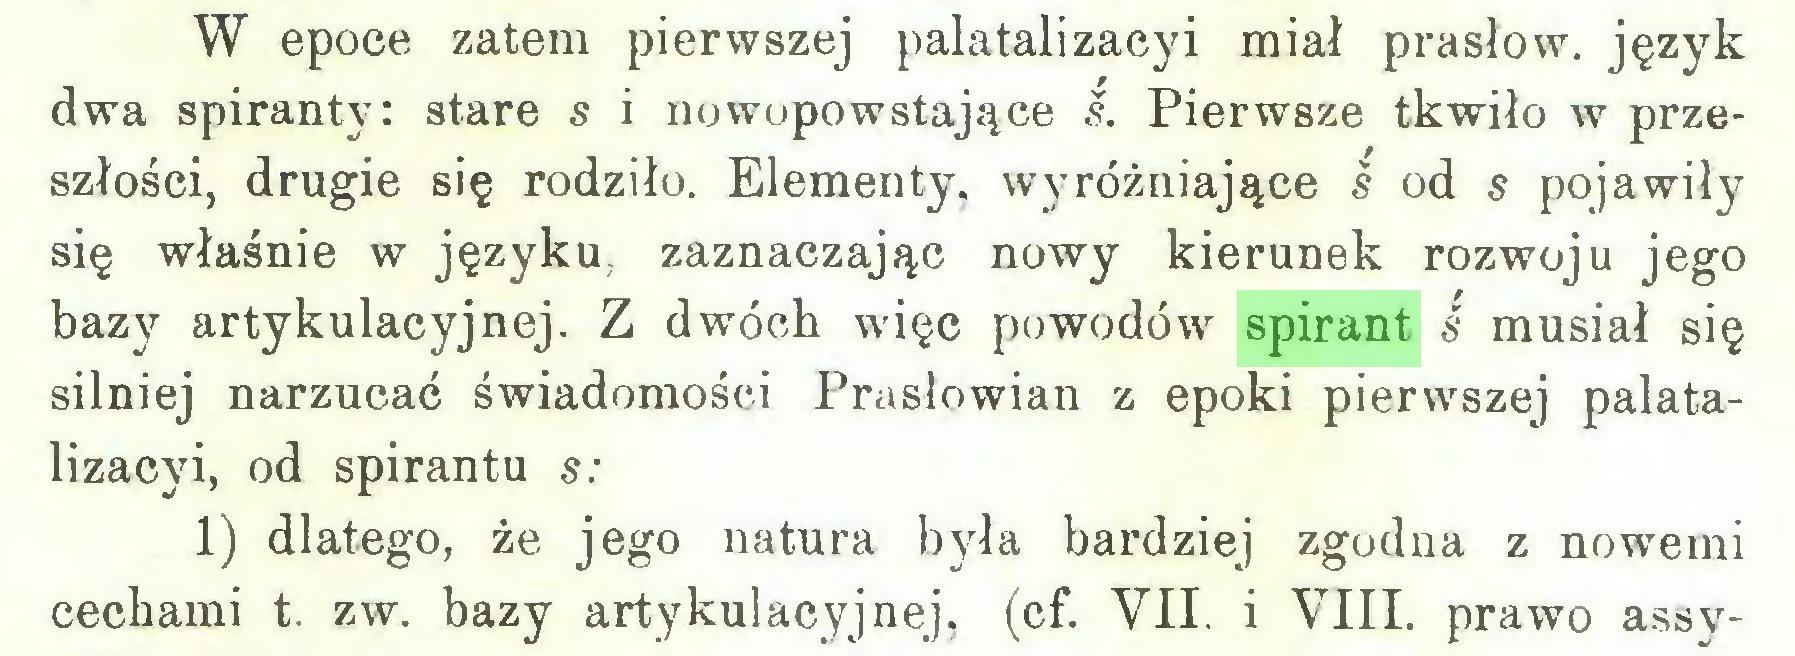 (...) W epoce zatem pierwszej palatalizacyi miał prasłow. język dwa spiranty: stare s i nowopowstające s. Pierwsze tkwiło w przeszłości, drugie się rodziło. Elementy, wyróżniające ś od s pojawiły się właśnie w języku, zaznaczając nowy kierunek rozwoju jego bazy artykulacyjnej. Z dwóch więc powodów spirant ś musiał się silniej narzucać świadomości Prasłowian z epoki pierwszej palatalizacyi, od spirantu s: 1) dlatego, że jego natura była bardziej zgodna z nowemi cechami t. zw. bazy artykulacyjnej, (cf. VIL i VIII. prawo assy...